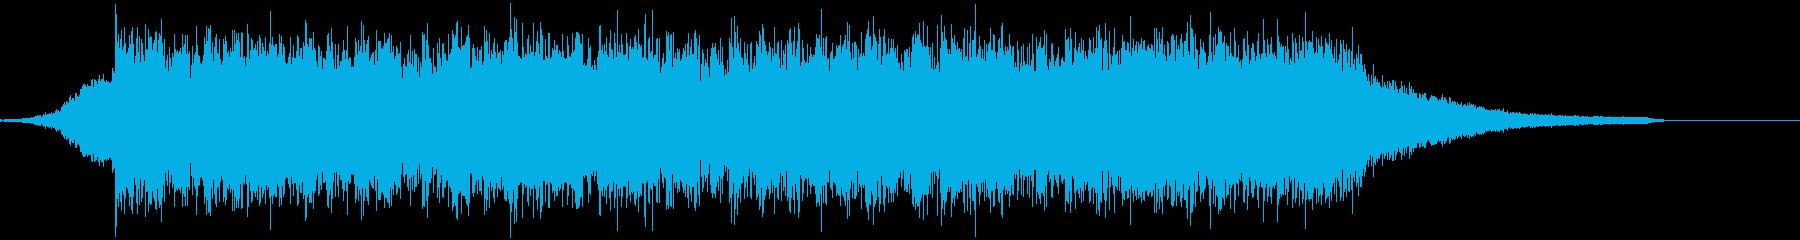 企業VP映像、109オーケストラ、壮大cの再生済みの波形